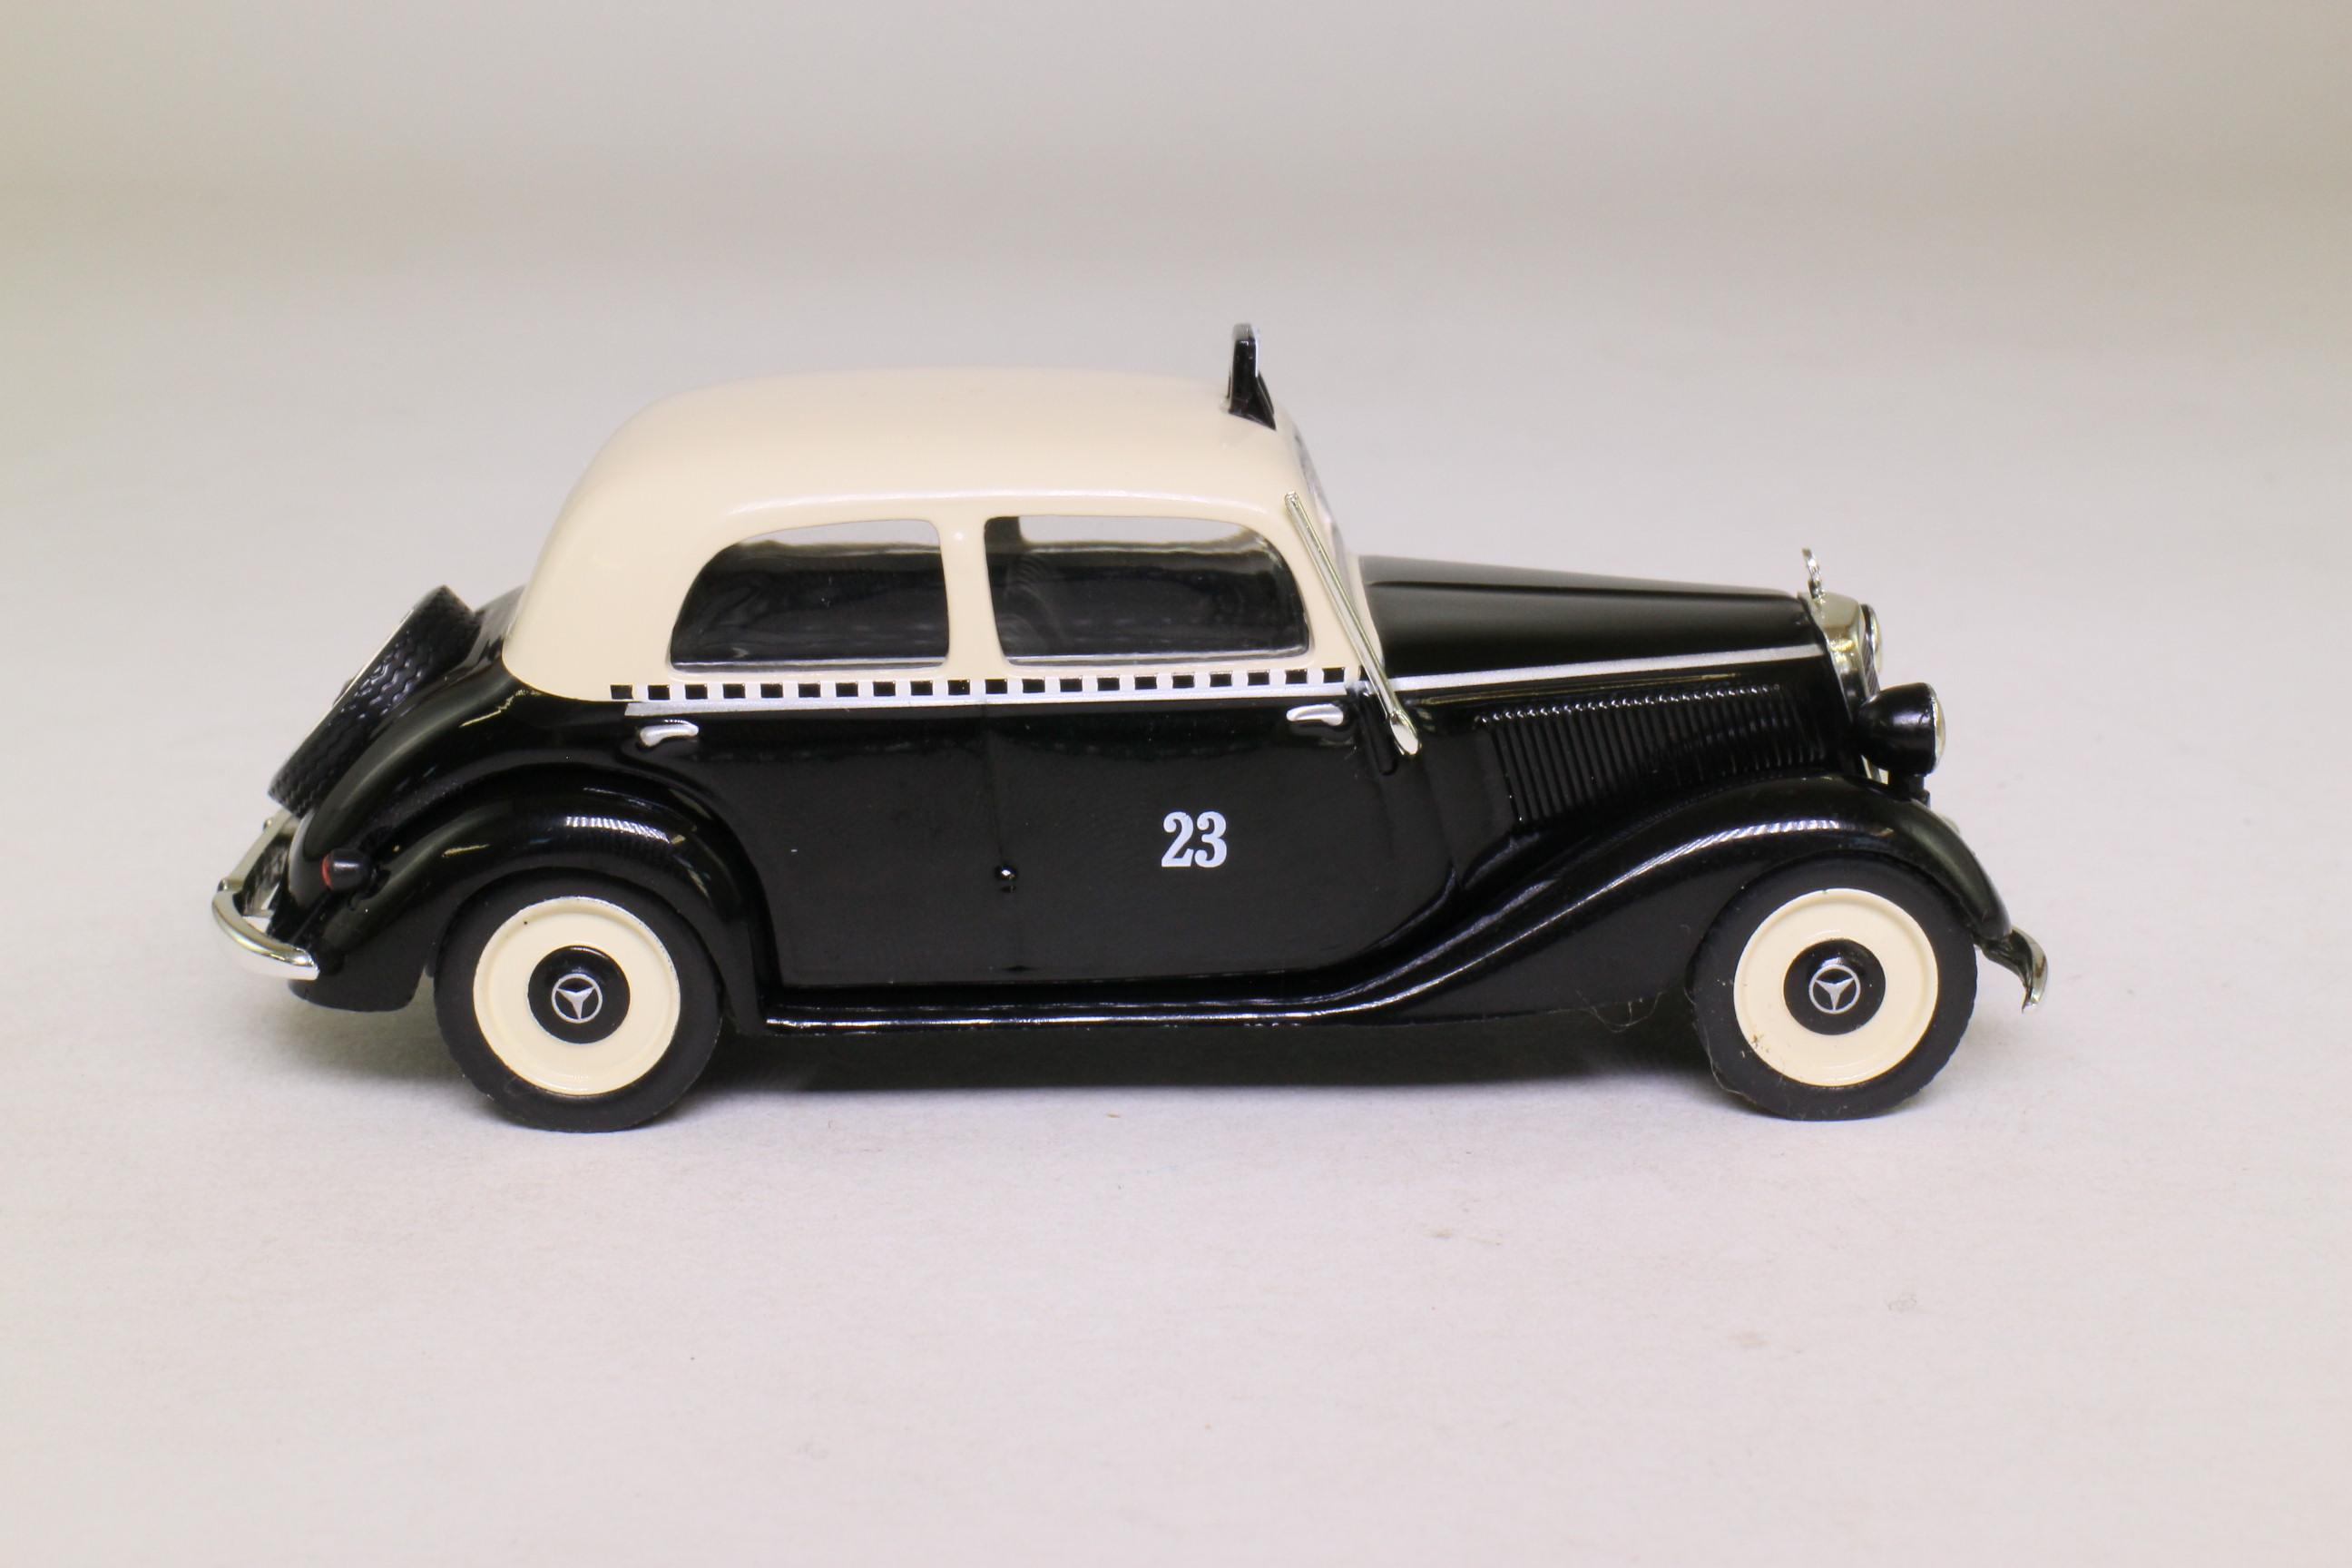 altaya 1 43 scale mercedes benz 170v berlin taxi 1952 excellent in pack ebay. Black Bedroom Furniture Sets. Home Design Ideas